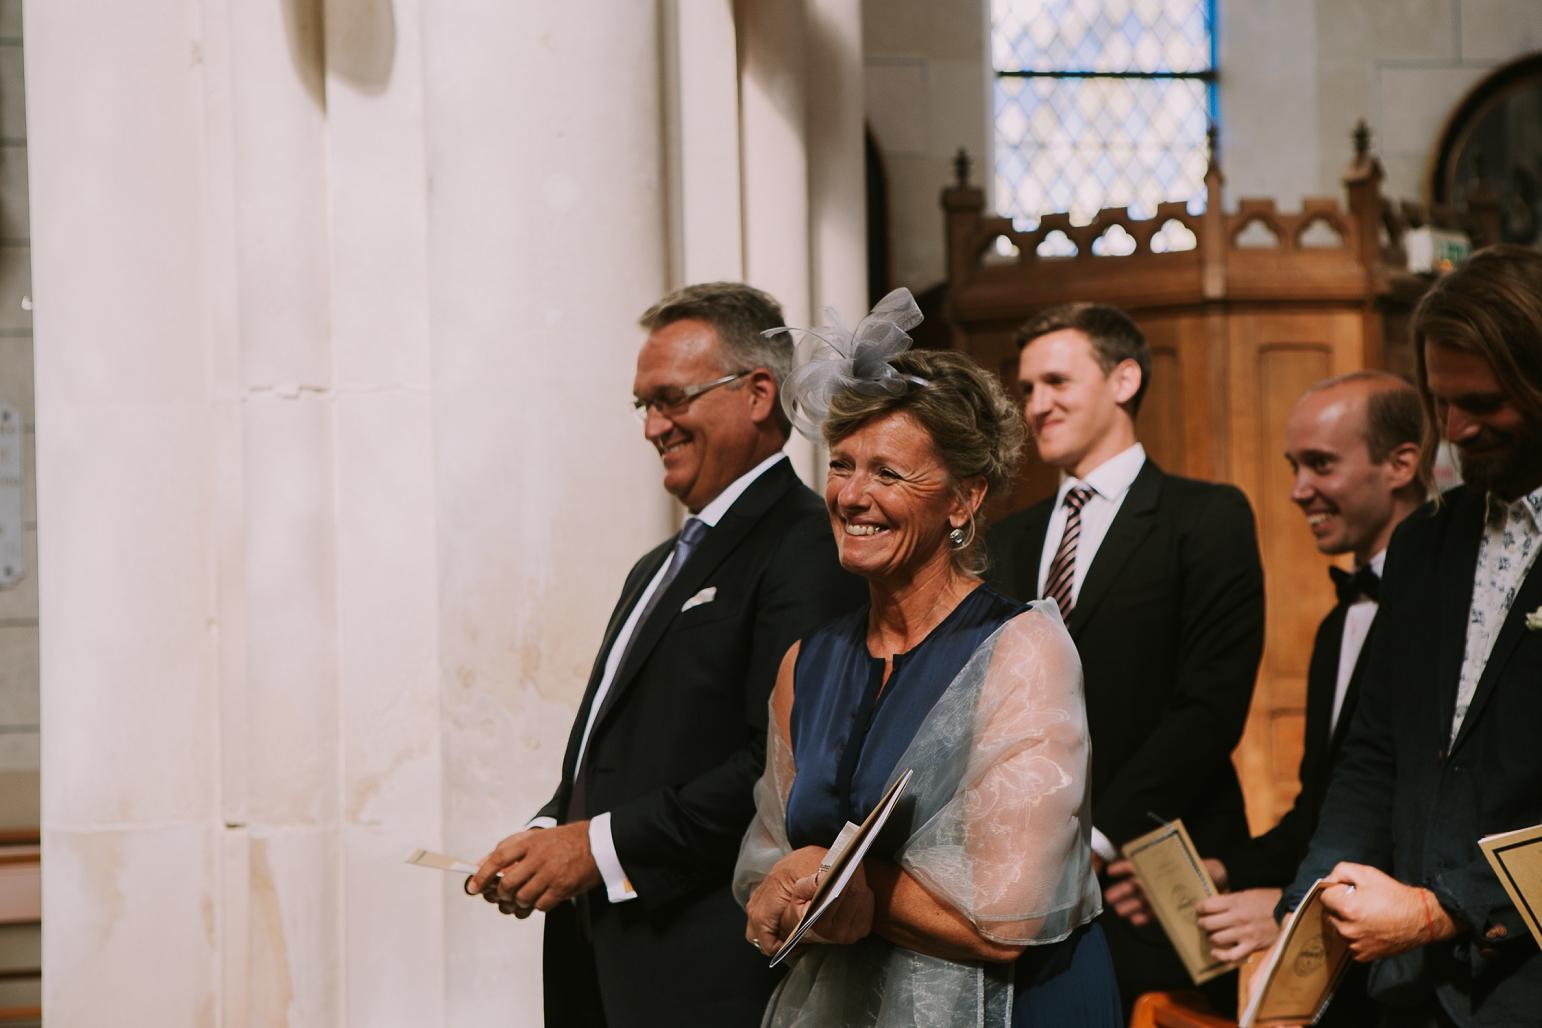 kateryna-photos-mariage-wedding-france-bretagne-pays-de-la-loire-chateau-de-la-colaissiere-st-sauveur-de-landemont_0041.jpg